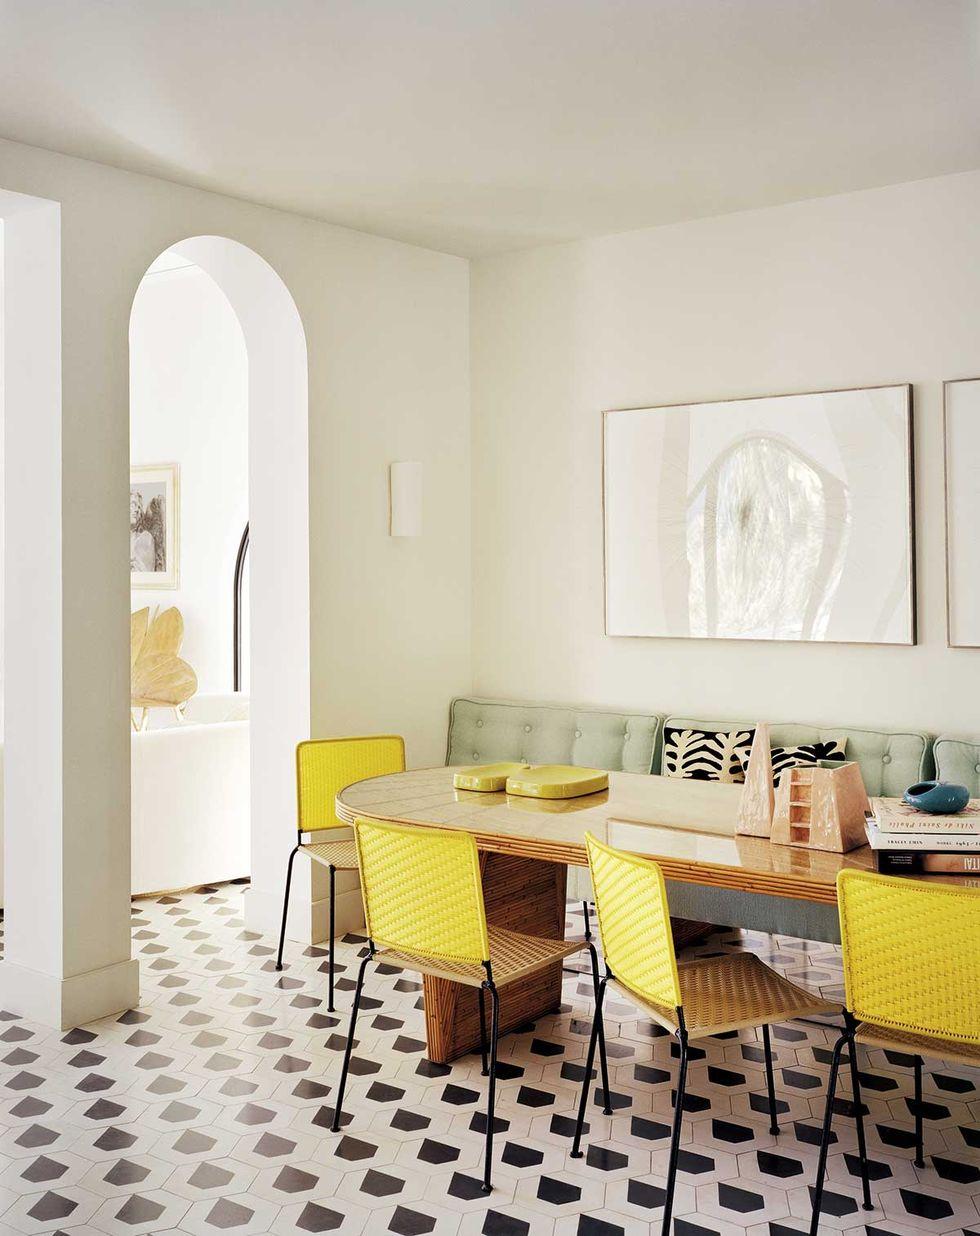 黄色餐椅餐厅